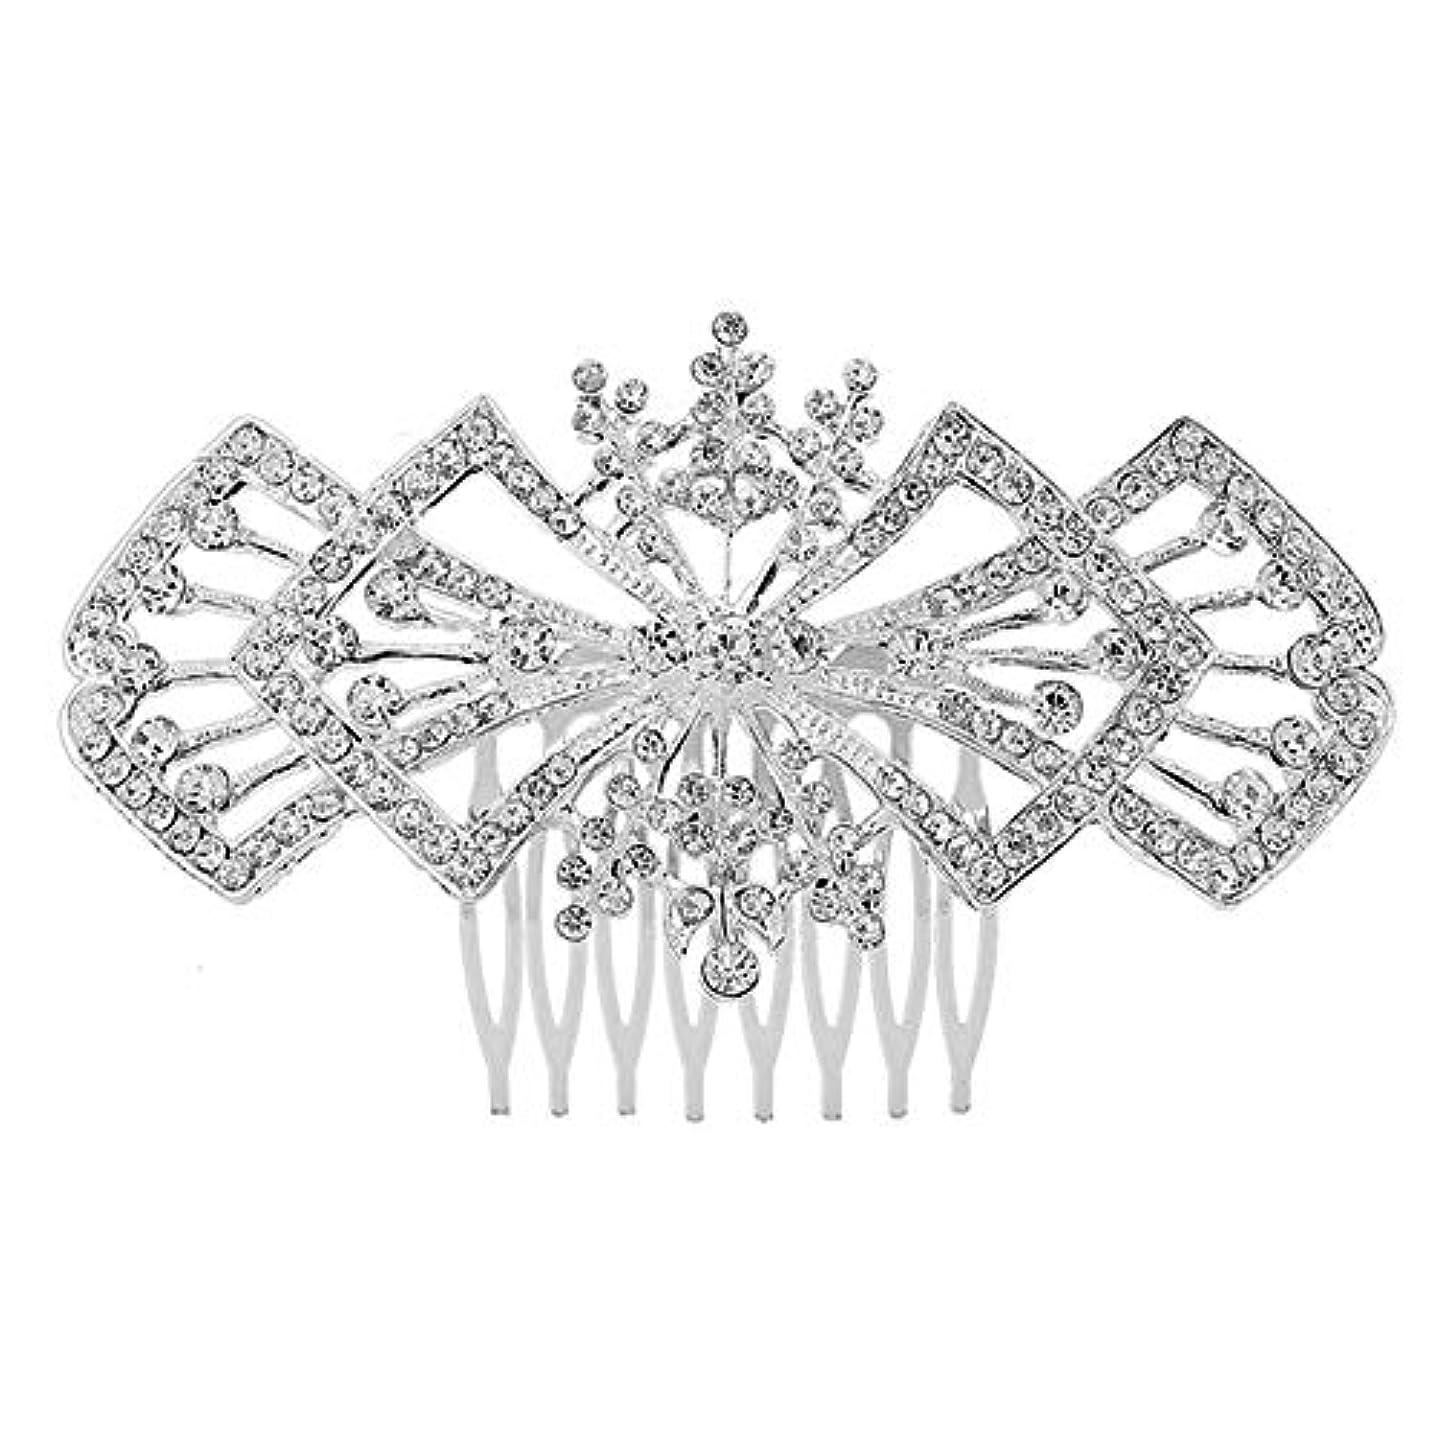 小屋考案する地平線髪の櫛の櫛の櫛の花嫁の髪の櫛の花の髪の櫛のラインストーンの挿入物の櫛の合金の帽子の結婚式の宝石類